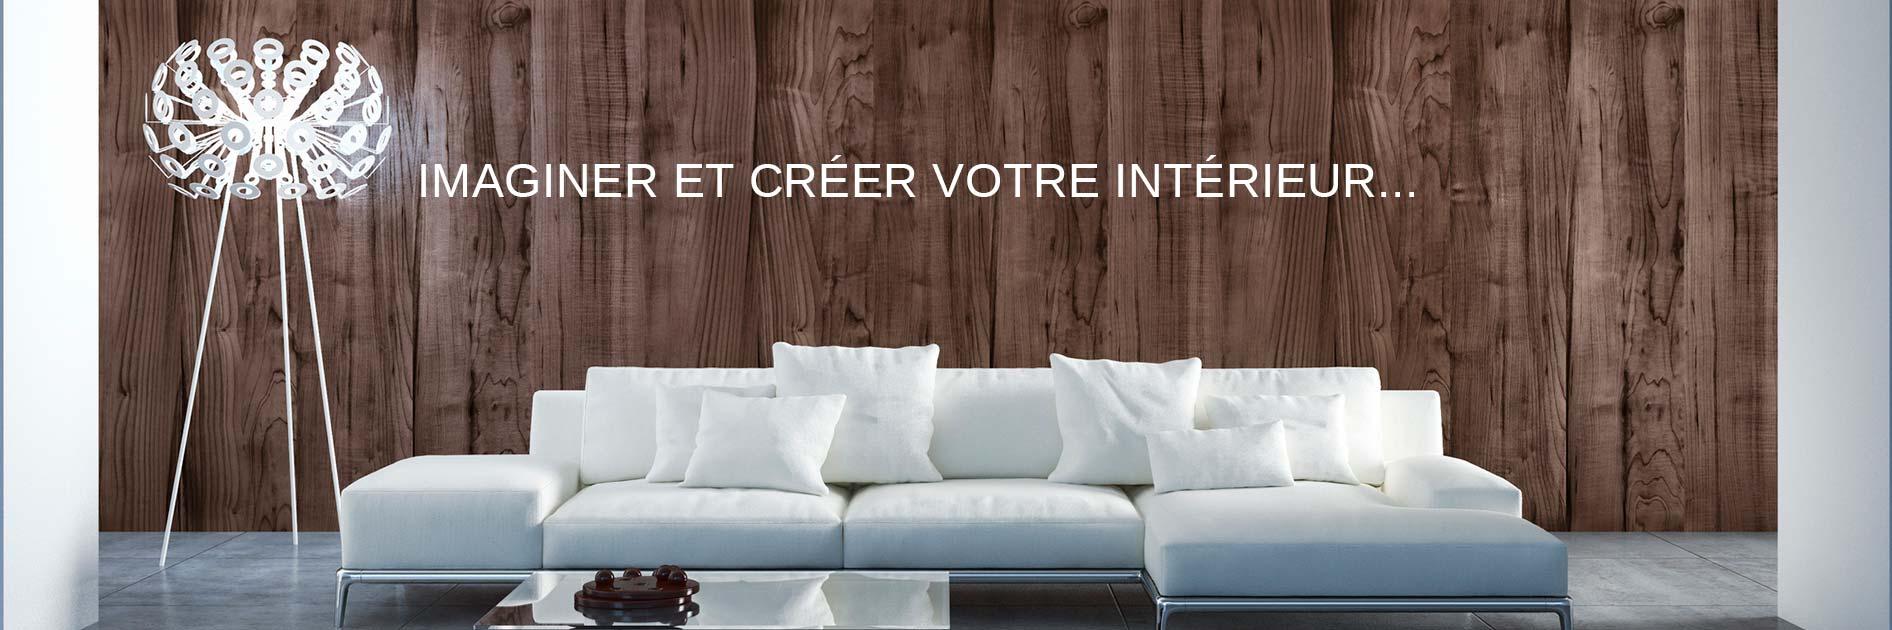 Aménagement et rénovation maison et appartement Grenoble